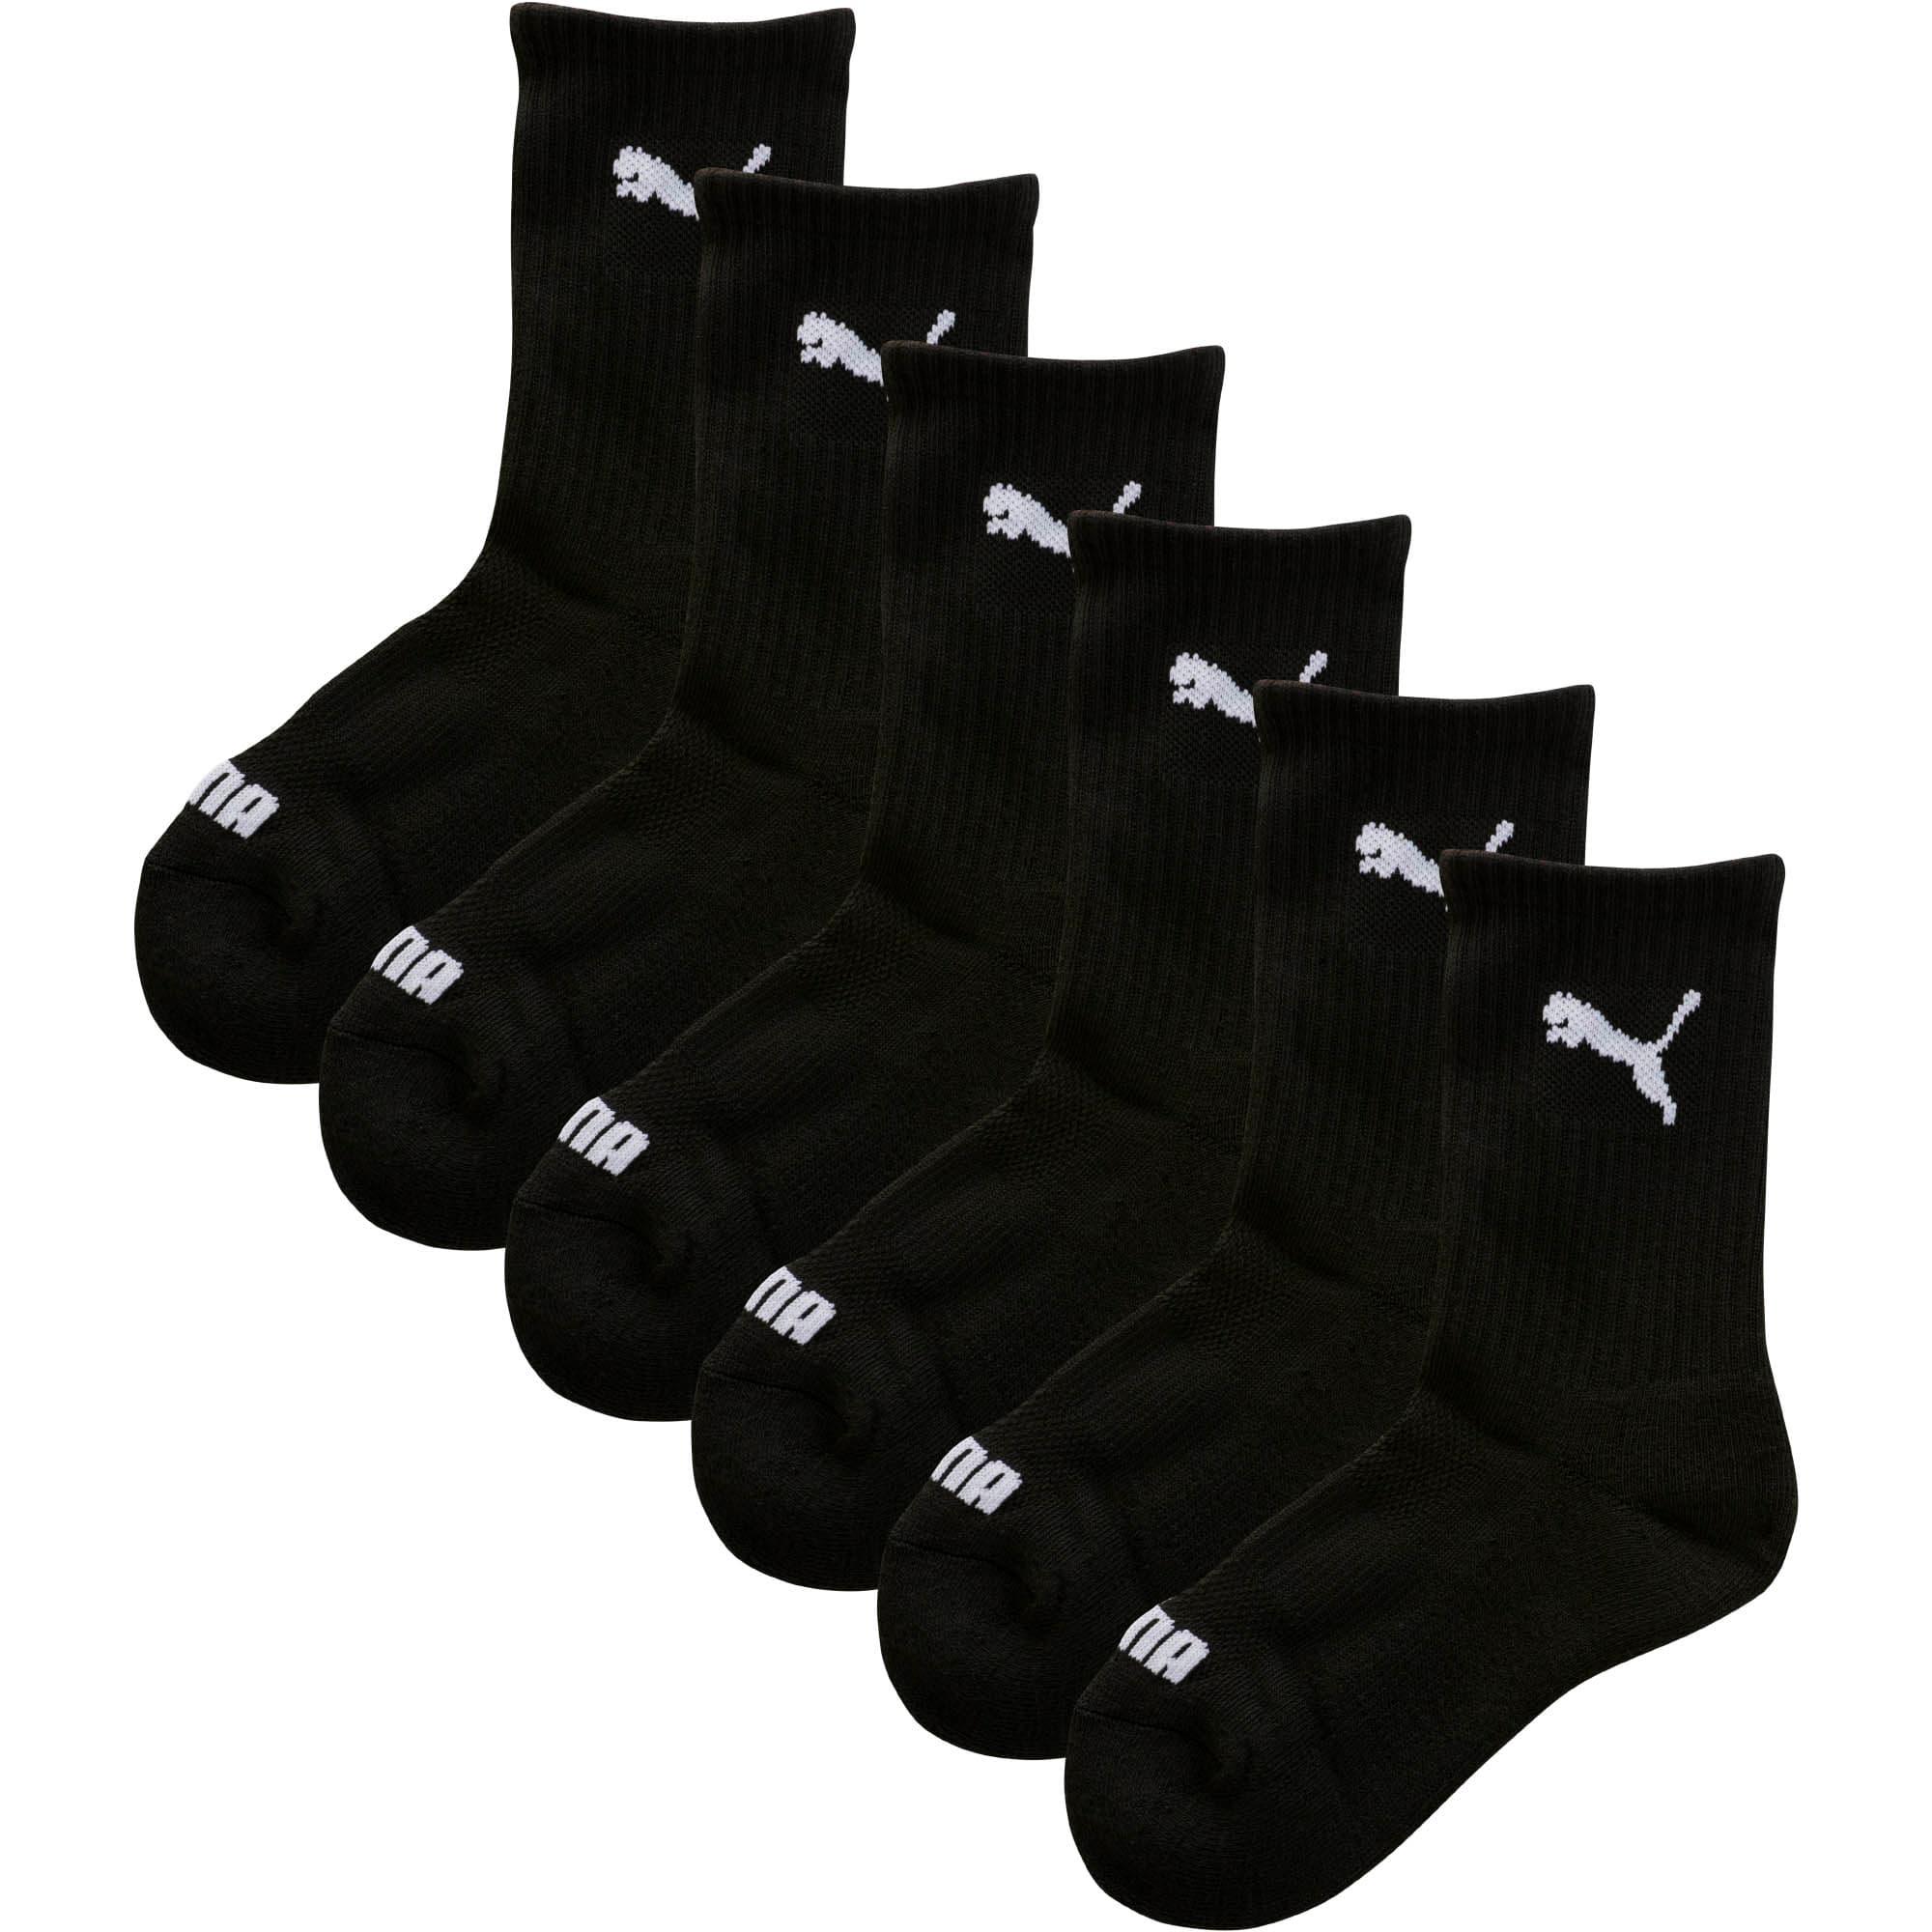 PUMA Socks Mens Crew Socks White//Black Logo Pack of 6